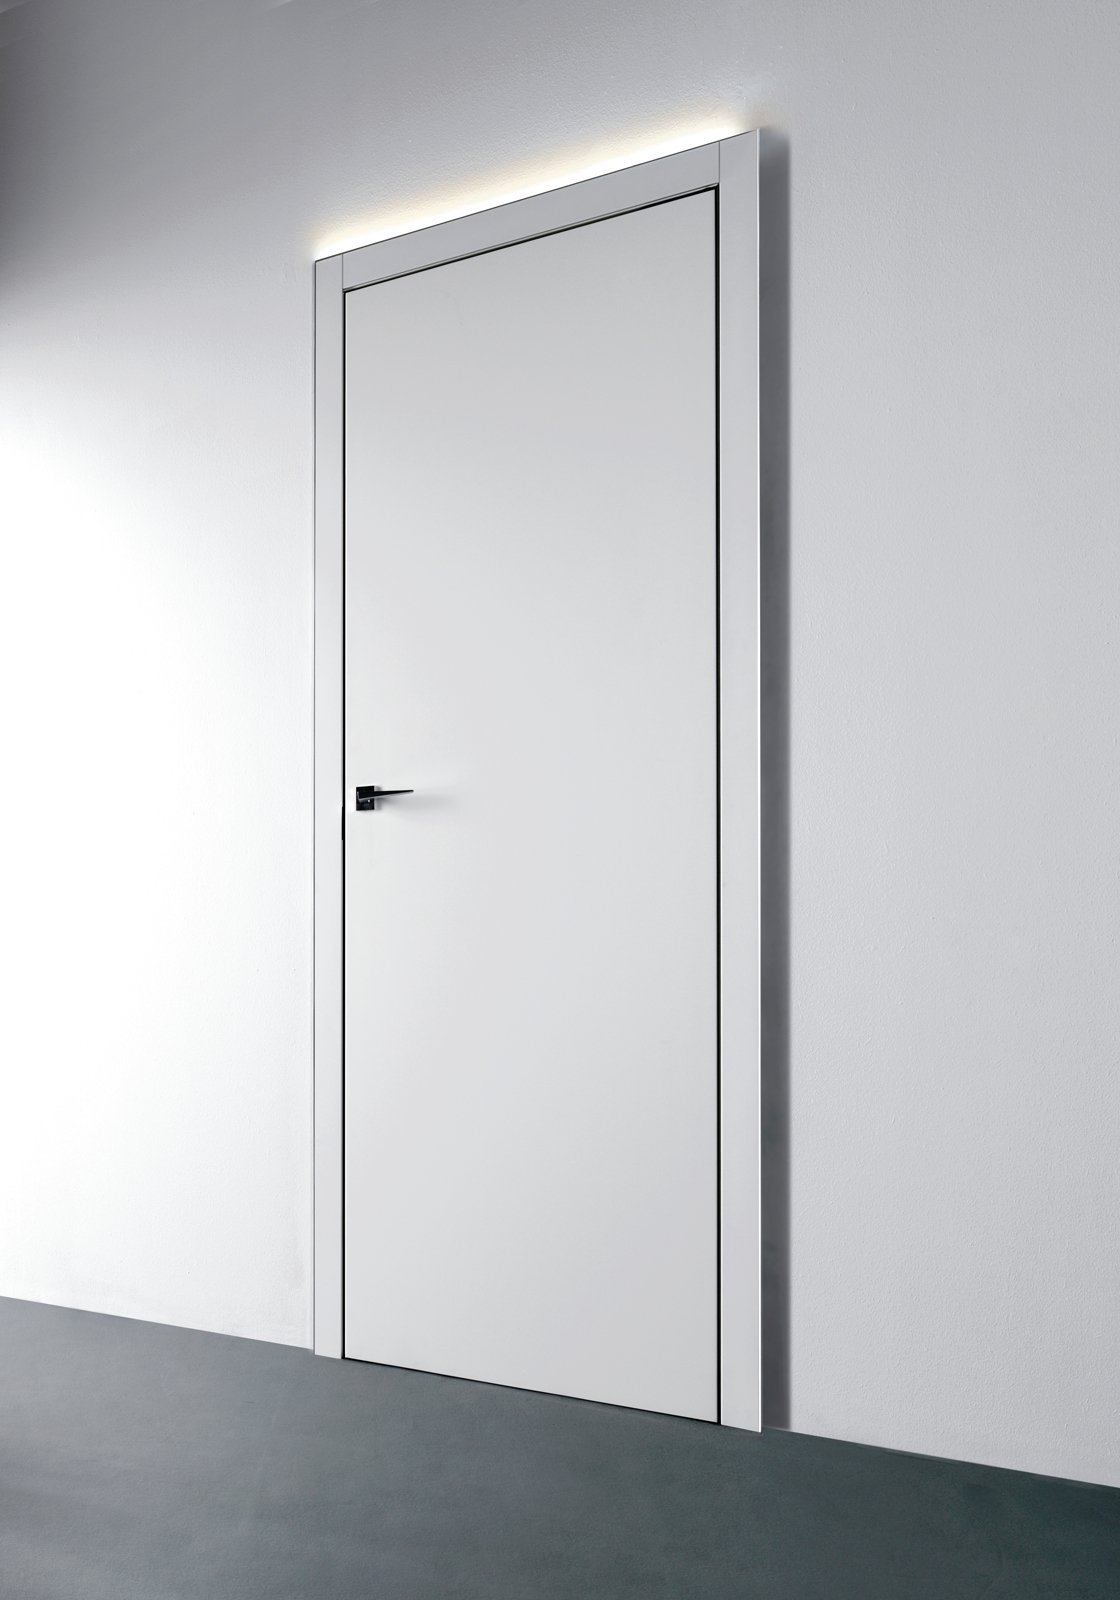 Porte e arredo i consigli su come abbinare stili e rifiniture cose di casa - Porta per soffitta ...